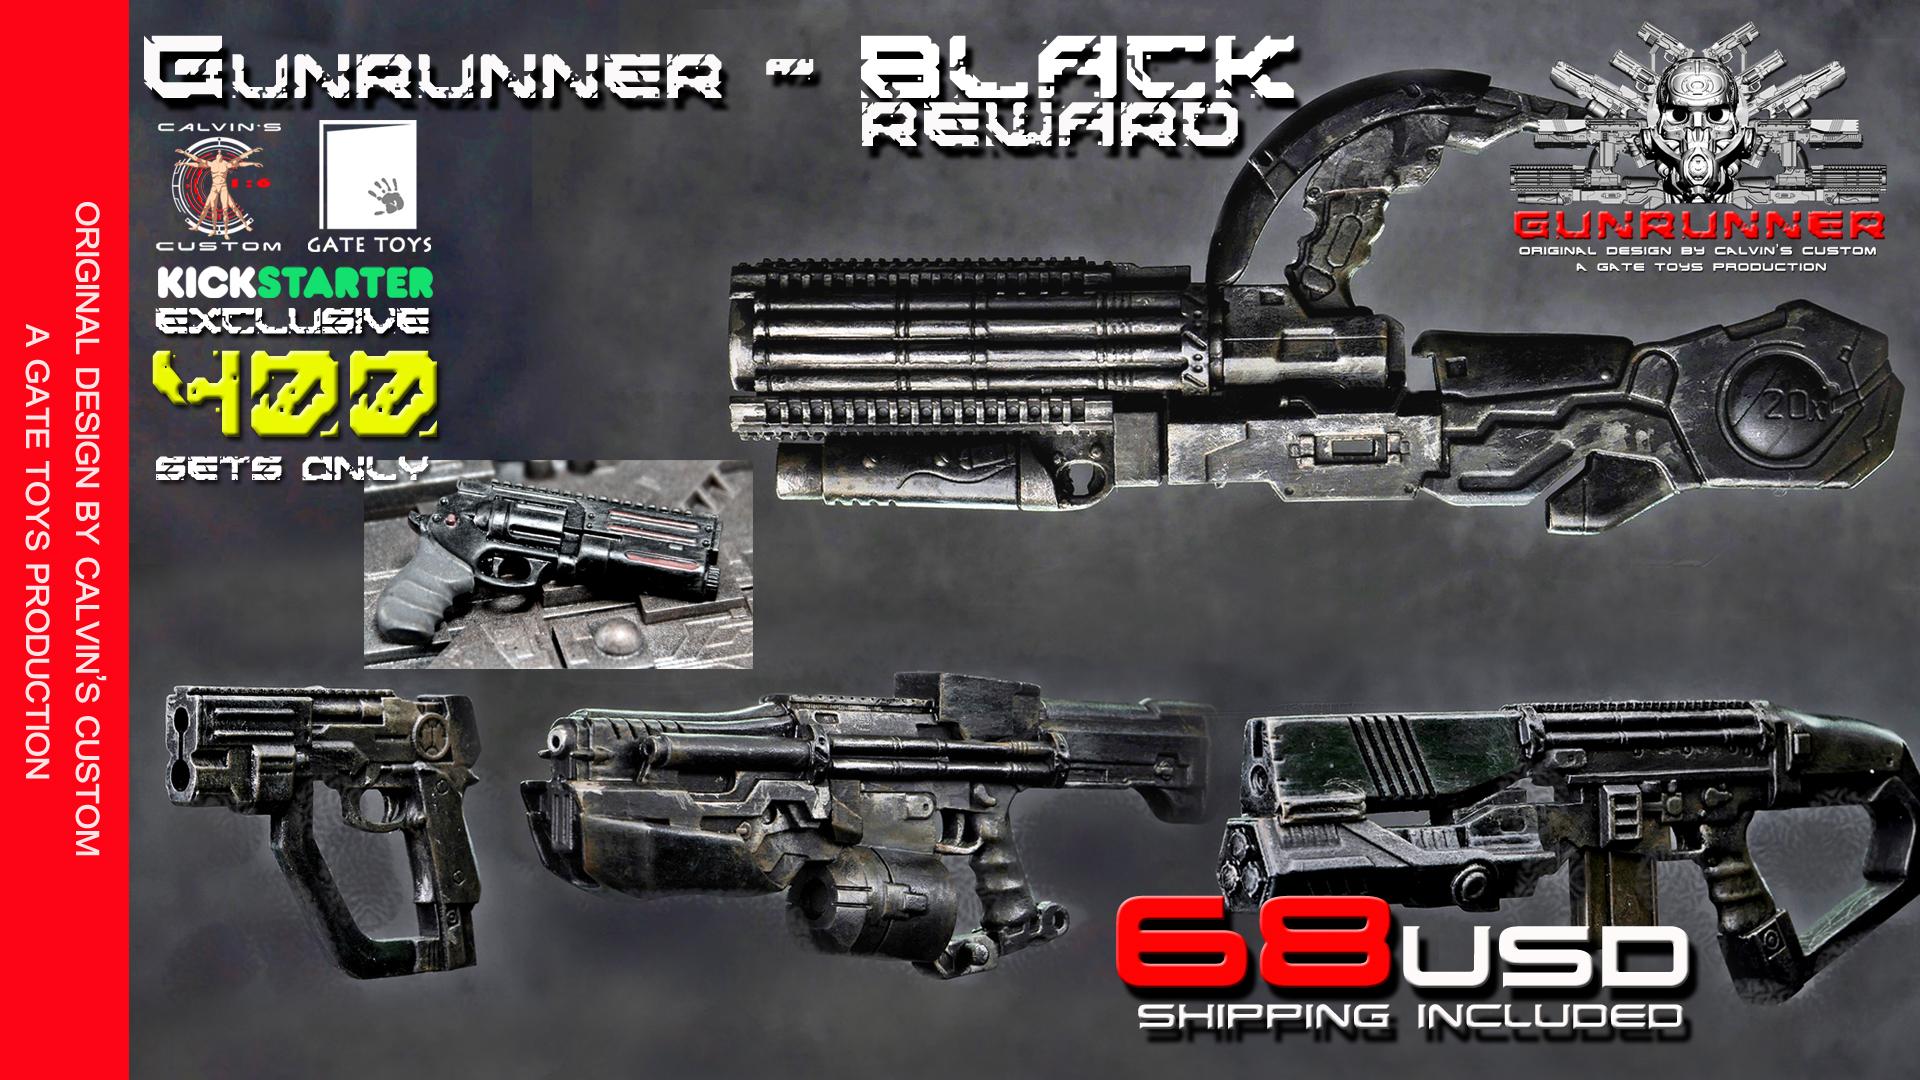 Gunrunner weapon set - Black